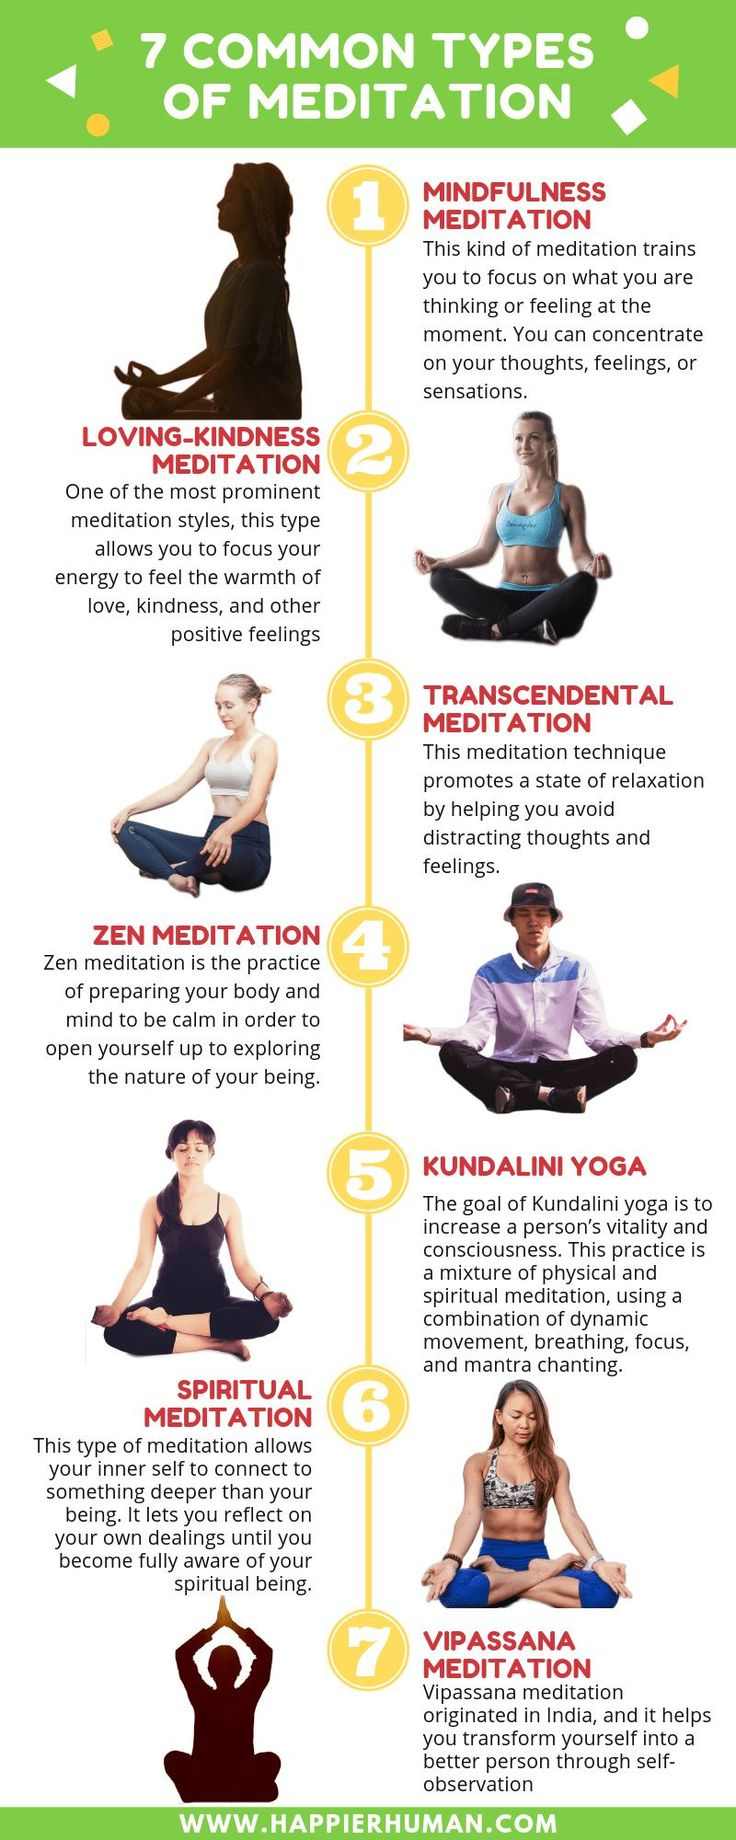 Guided Meditation, Meditation Mantra, Meditation Benefits, Chakra Meditation, Meditation Practices, Learn Meditation, Meditation Music, Meditation For Anxiety, Vipassana Meditation